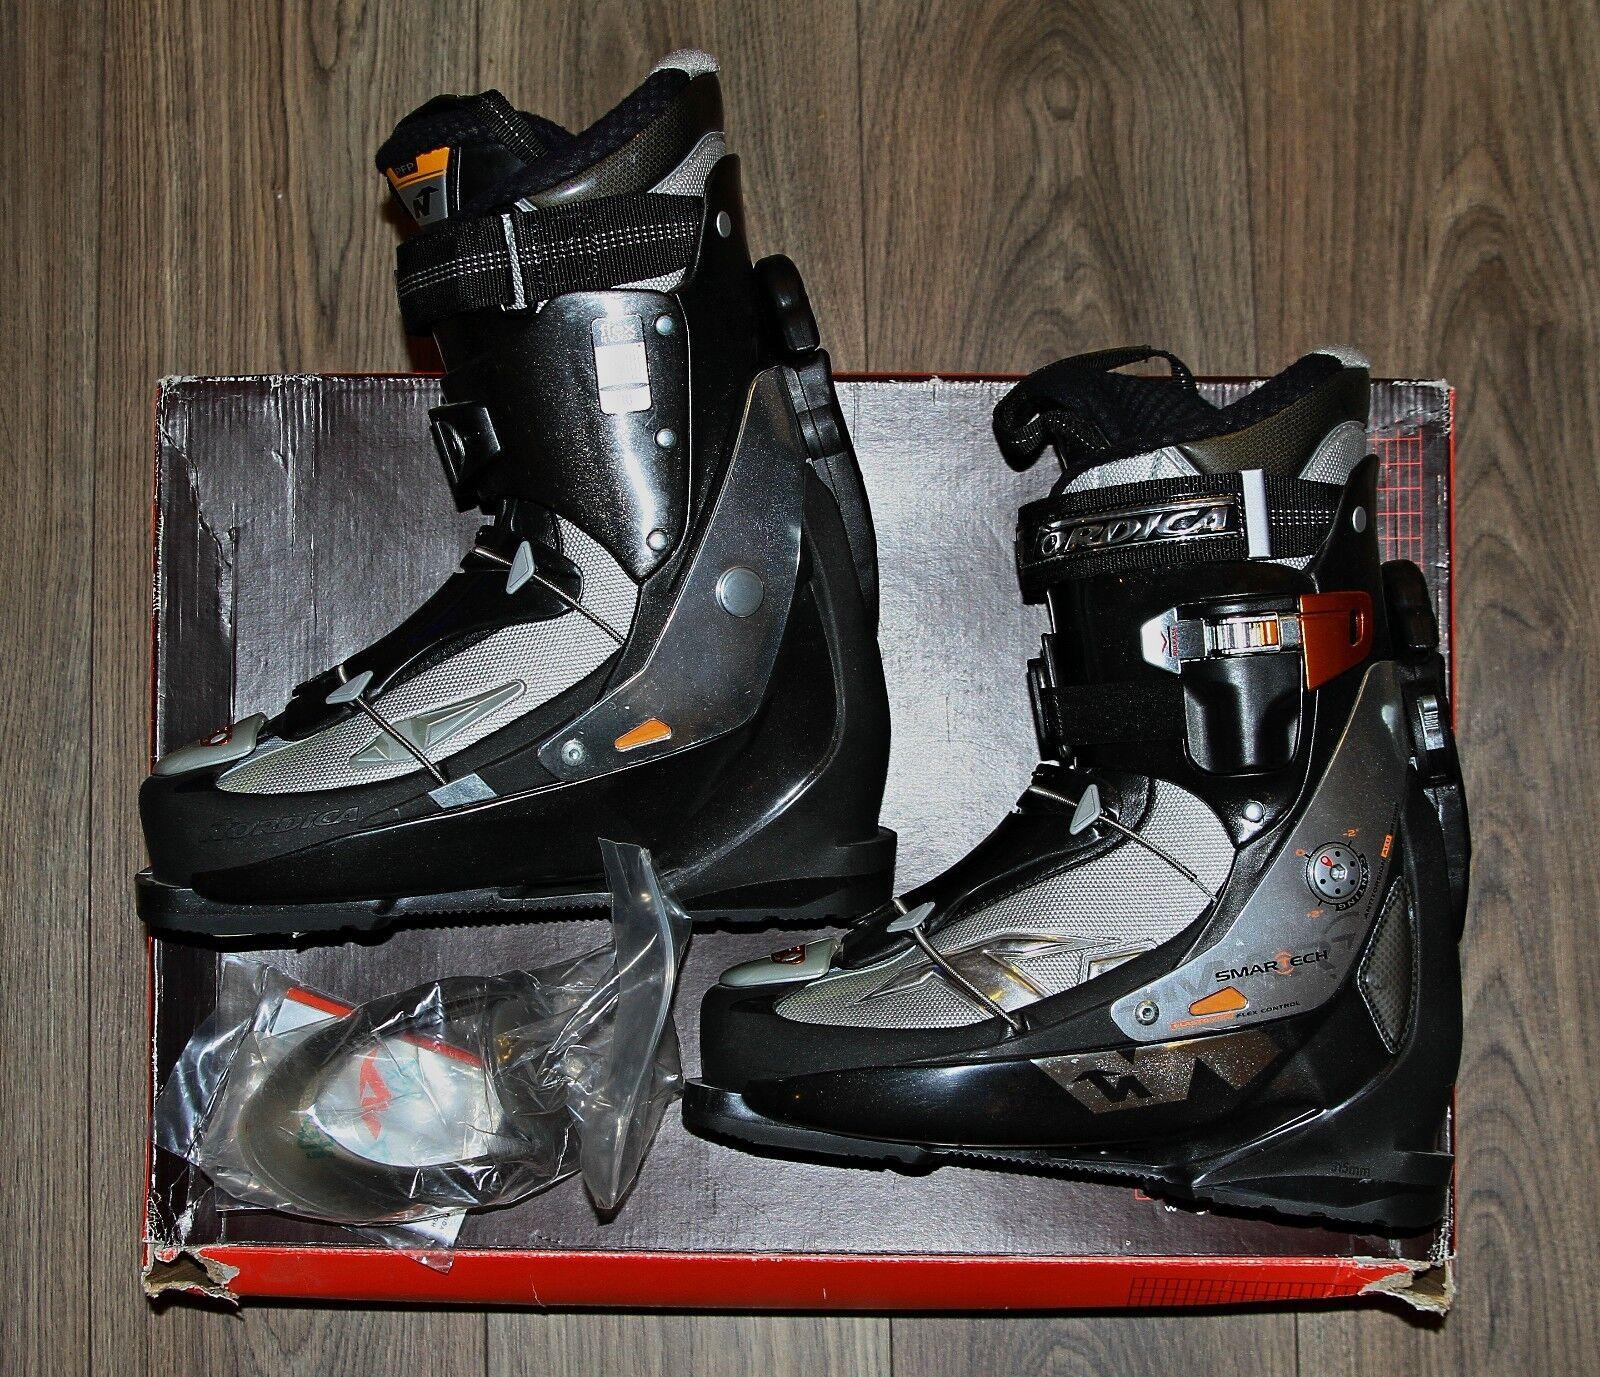 NORDICA SMARTECH 10 All Mountain Skischuh SKI Schuhe Herren MP 30 GR. 45.5 schwarz